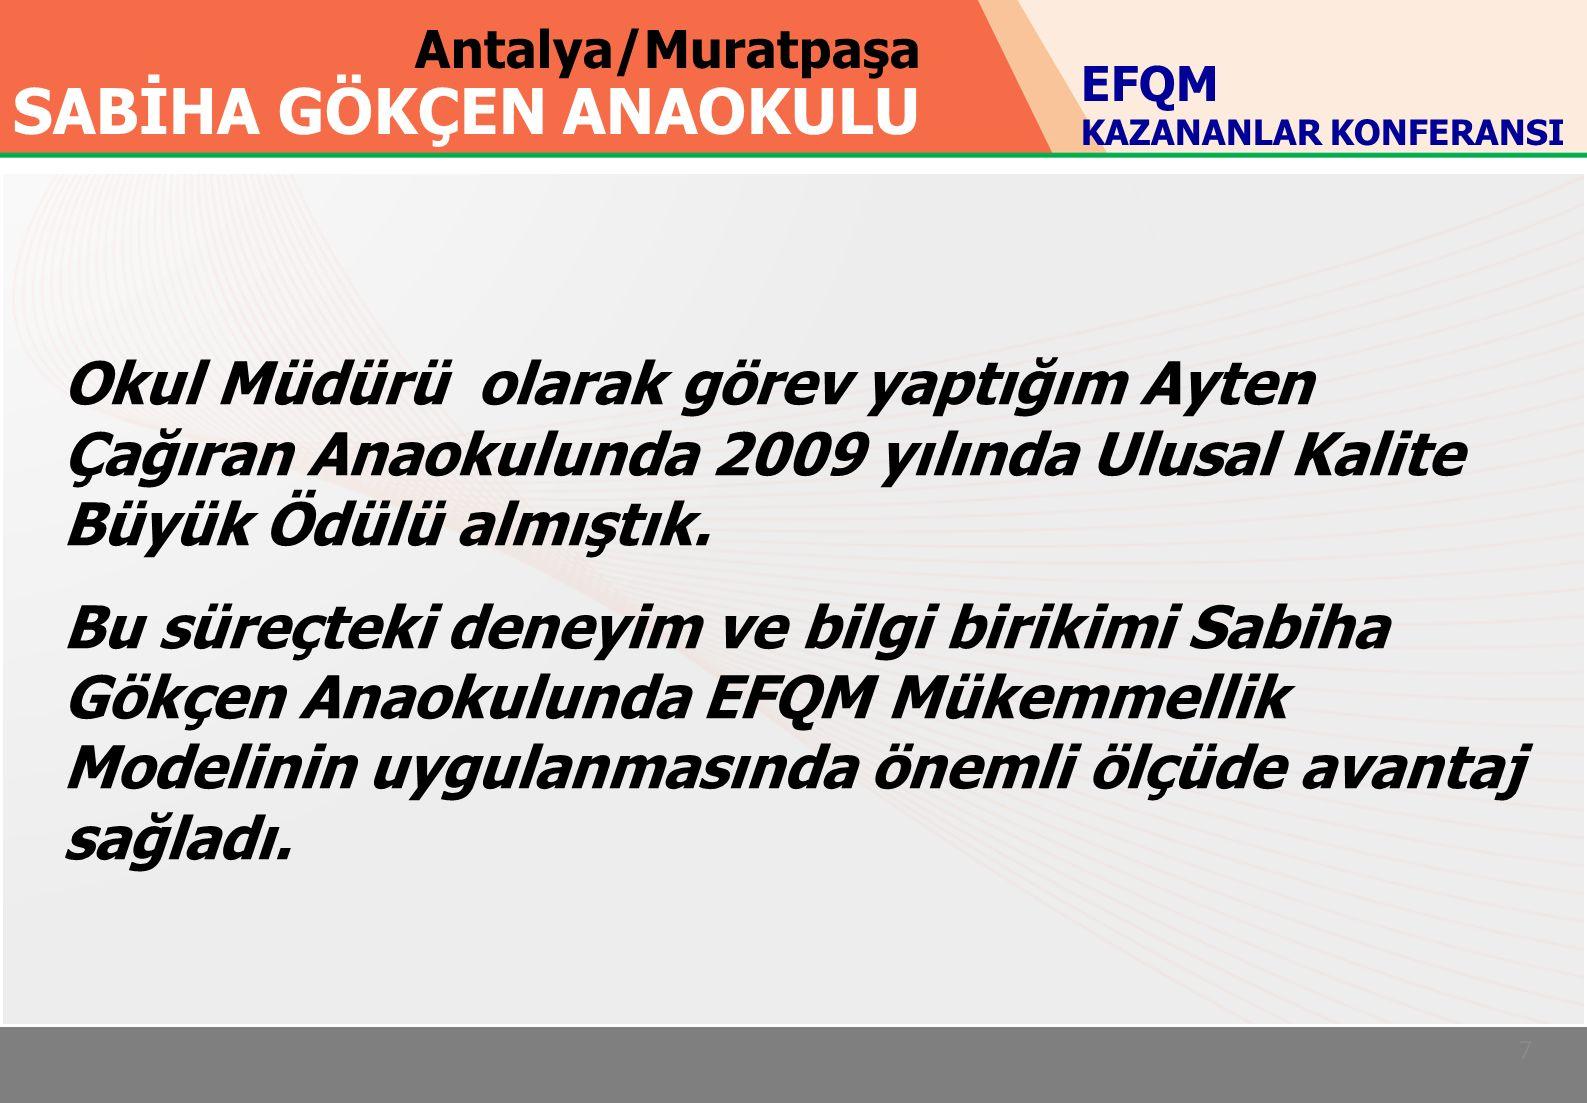 Antalya/Muratpaşa SABİHA GÖKÇEN ANAOKULU 7 Okul Müdürü olarak görev yaptığım Ayten Çağıran Anaokulunda 2009 yılında Ulusal Kalite Büyük Ödülü almıştık.